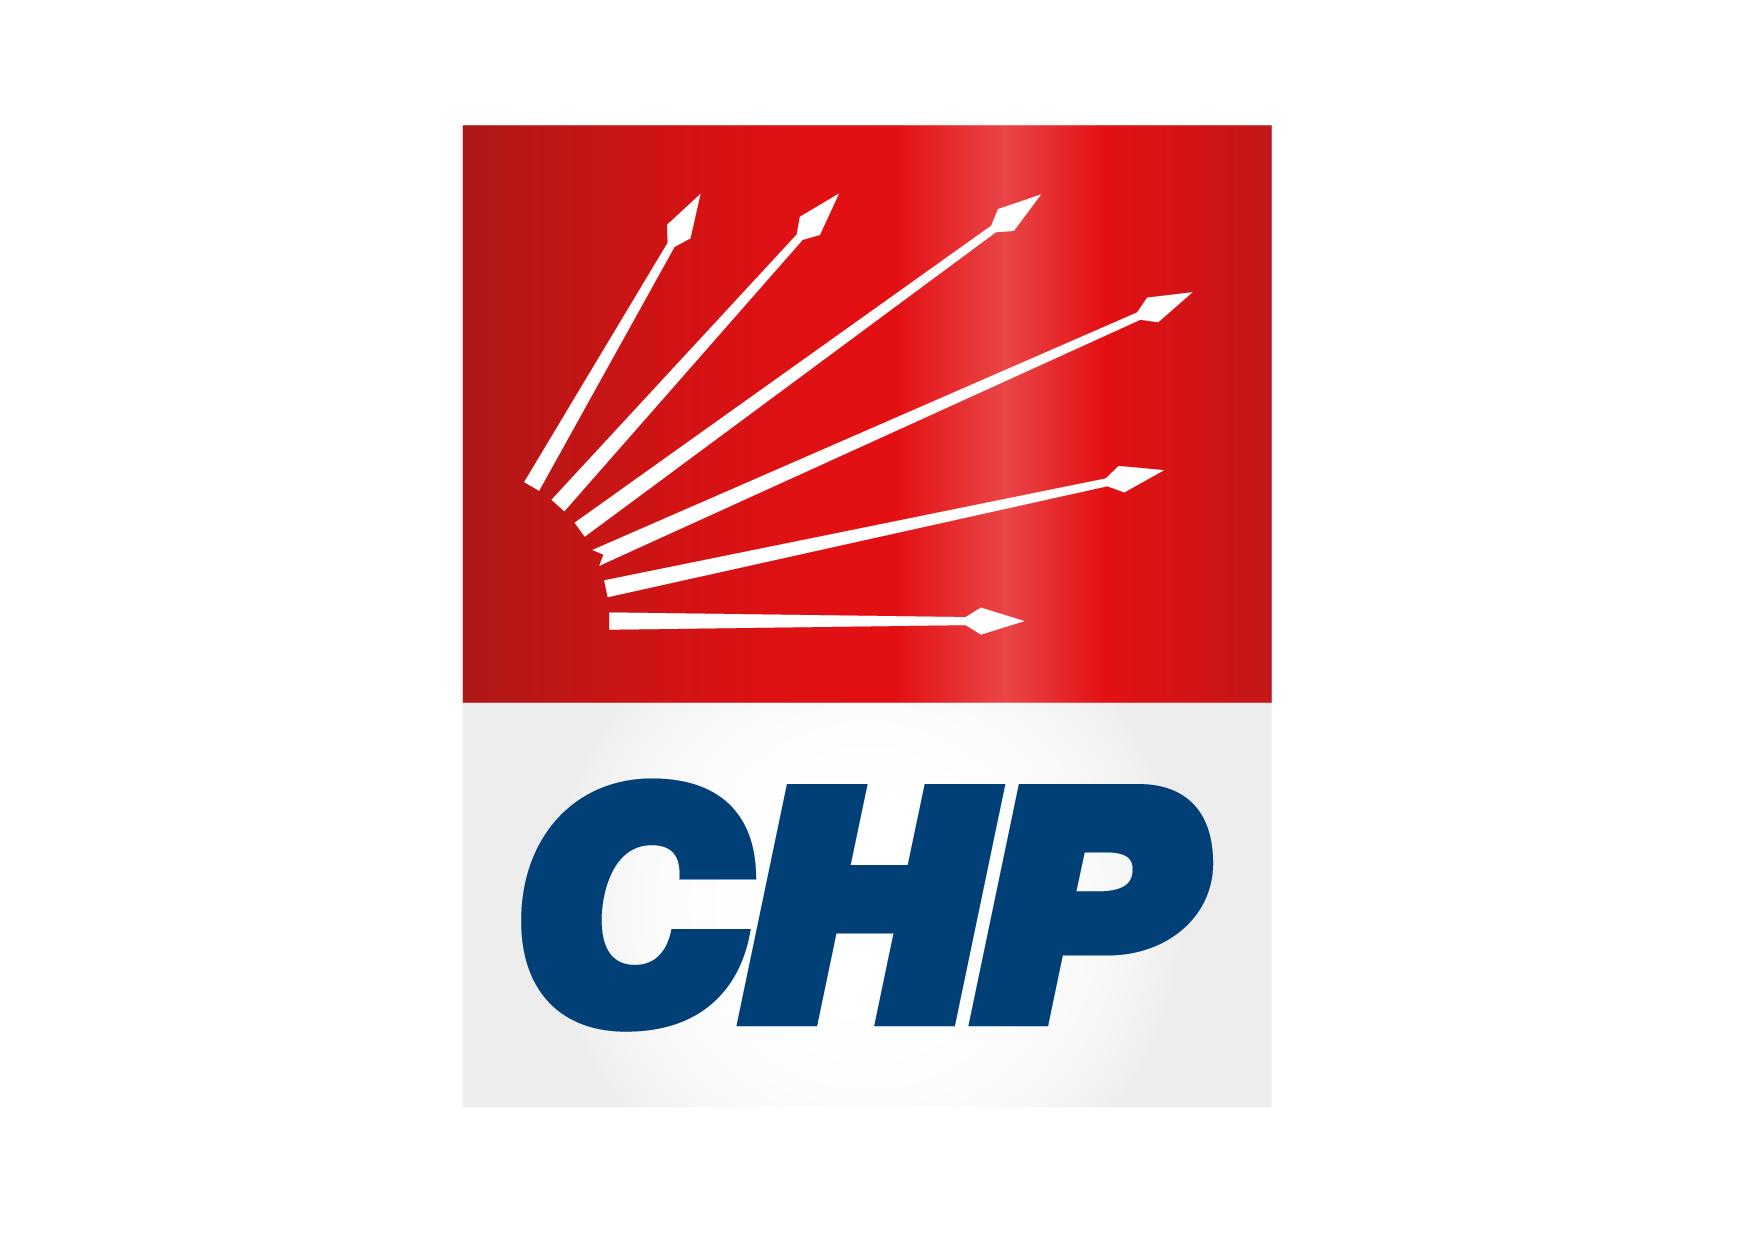 Cumhuriyet Halk Partisi CHP Logo Vektörel Çizim